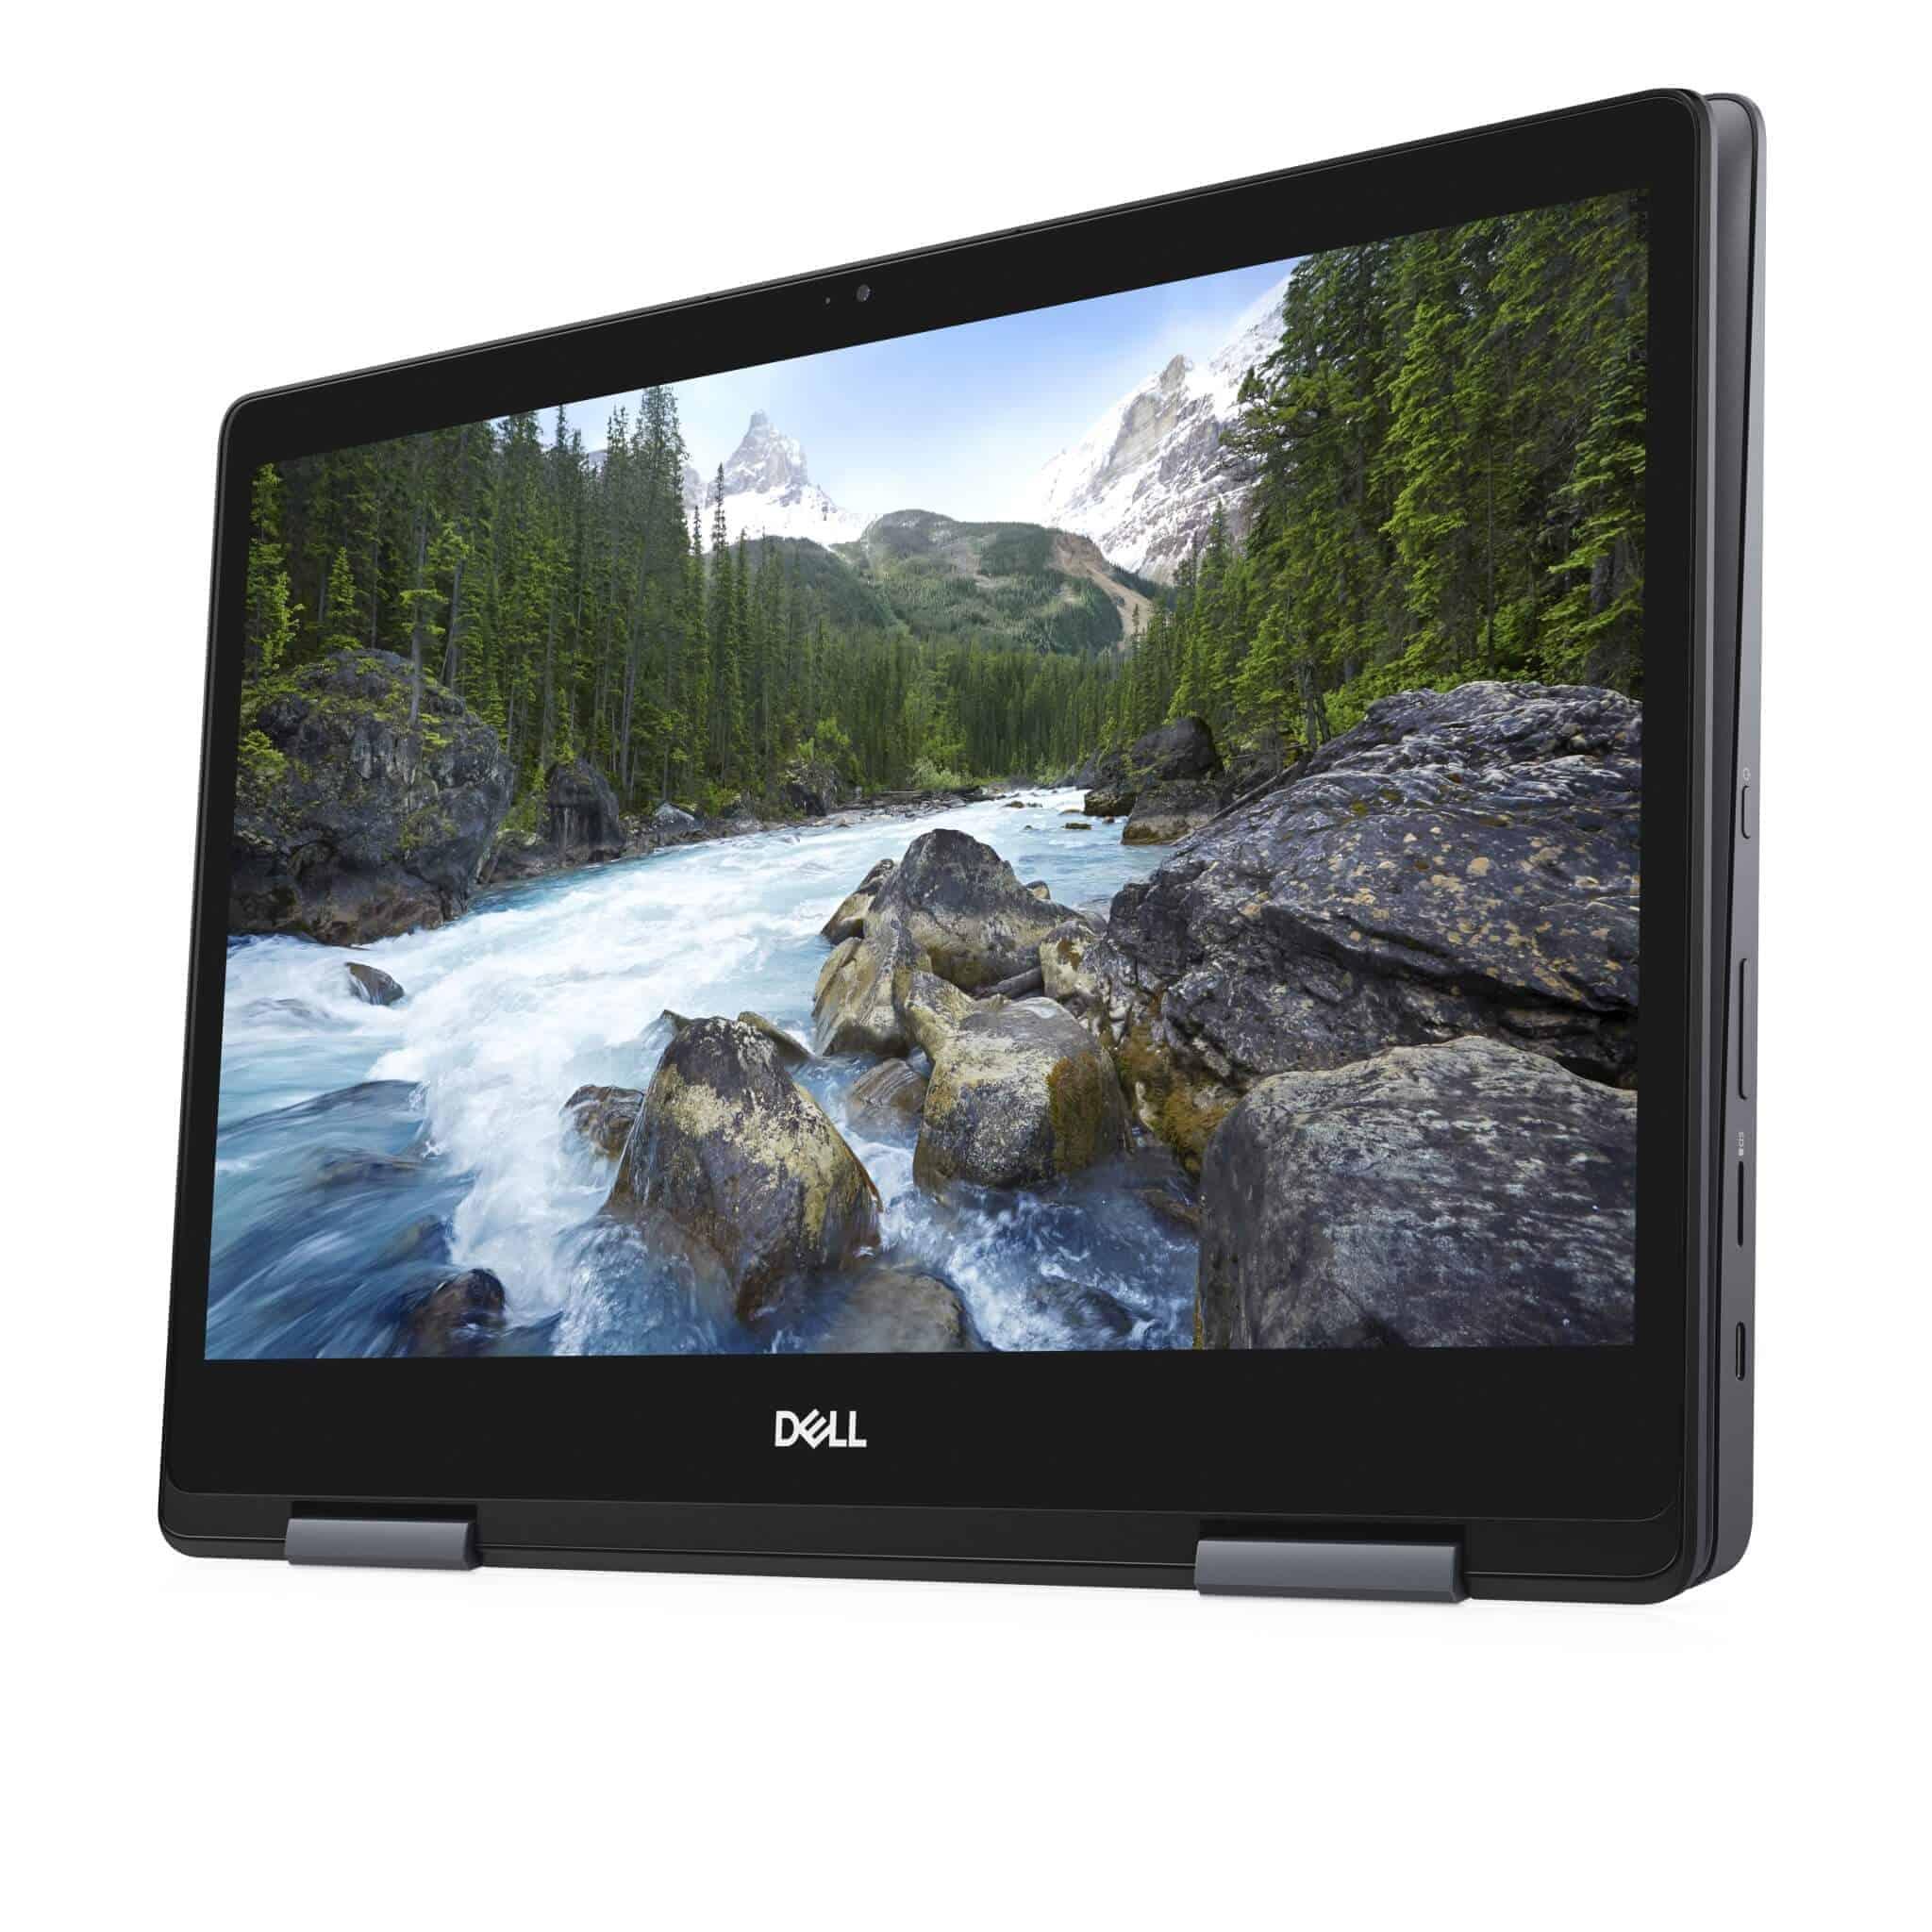 Dell Inspiron Chromebook 14 2 in 1 press image 04